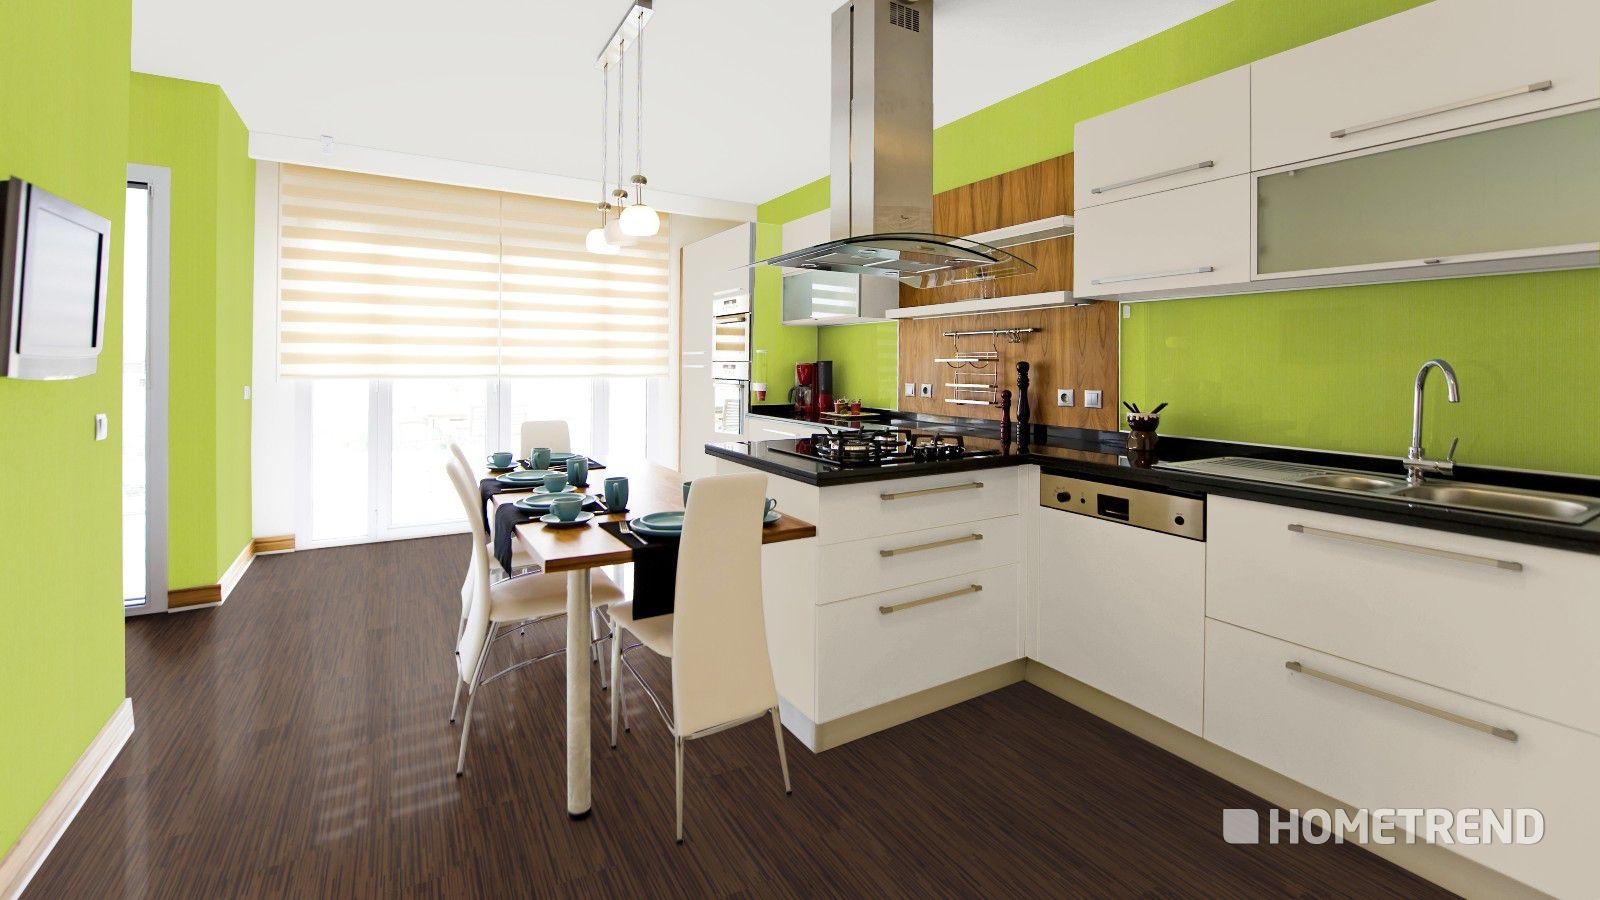 Modern Und Frisch Wirken Küchen In Hellem Grün. Der Dunkle Designboden In  Holzoptik Nimmt Den